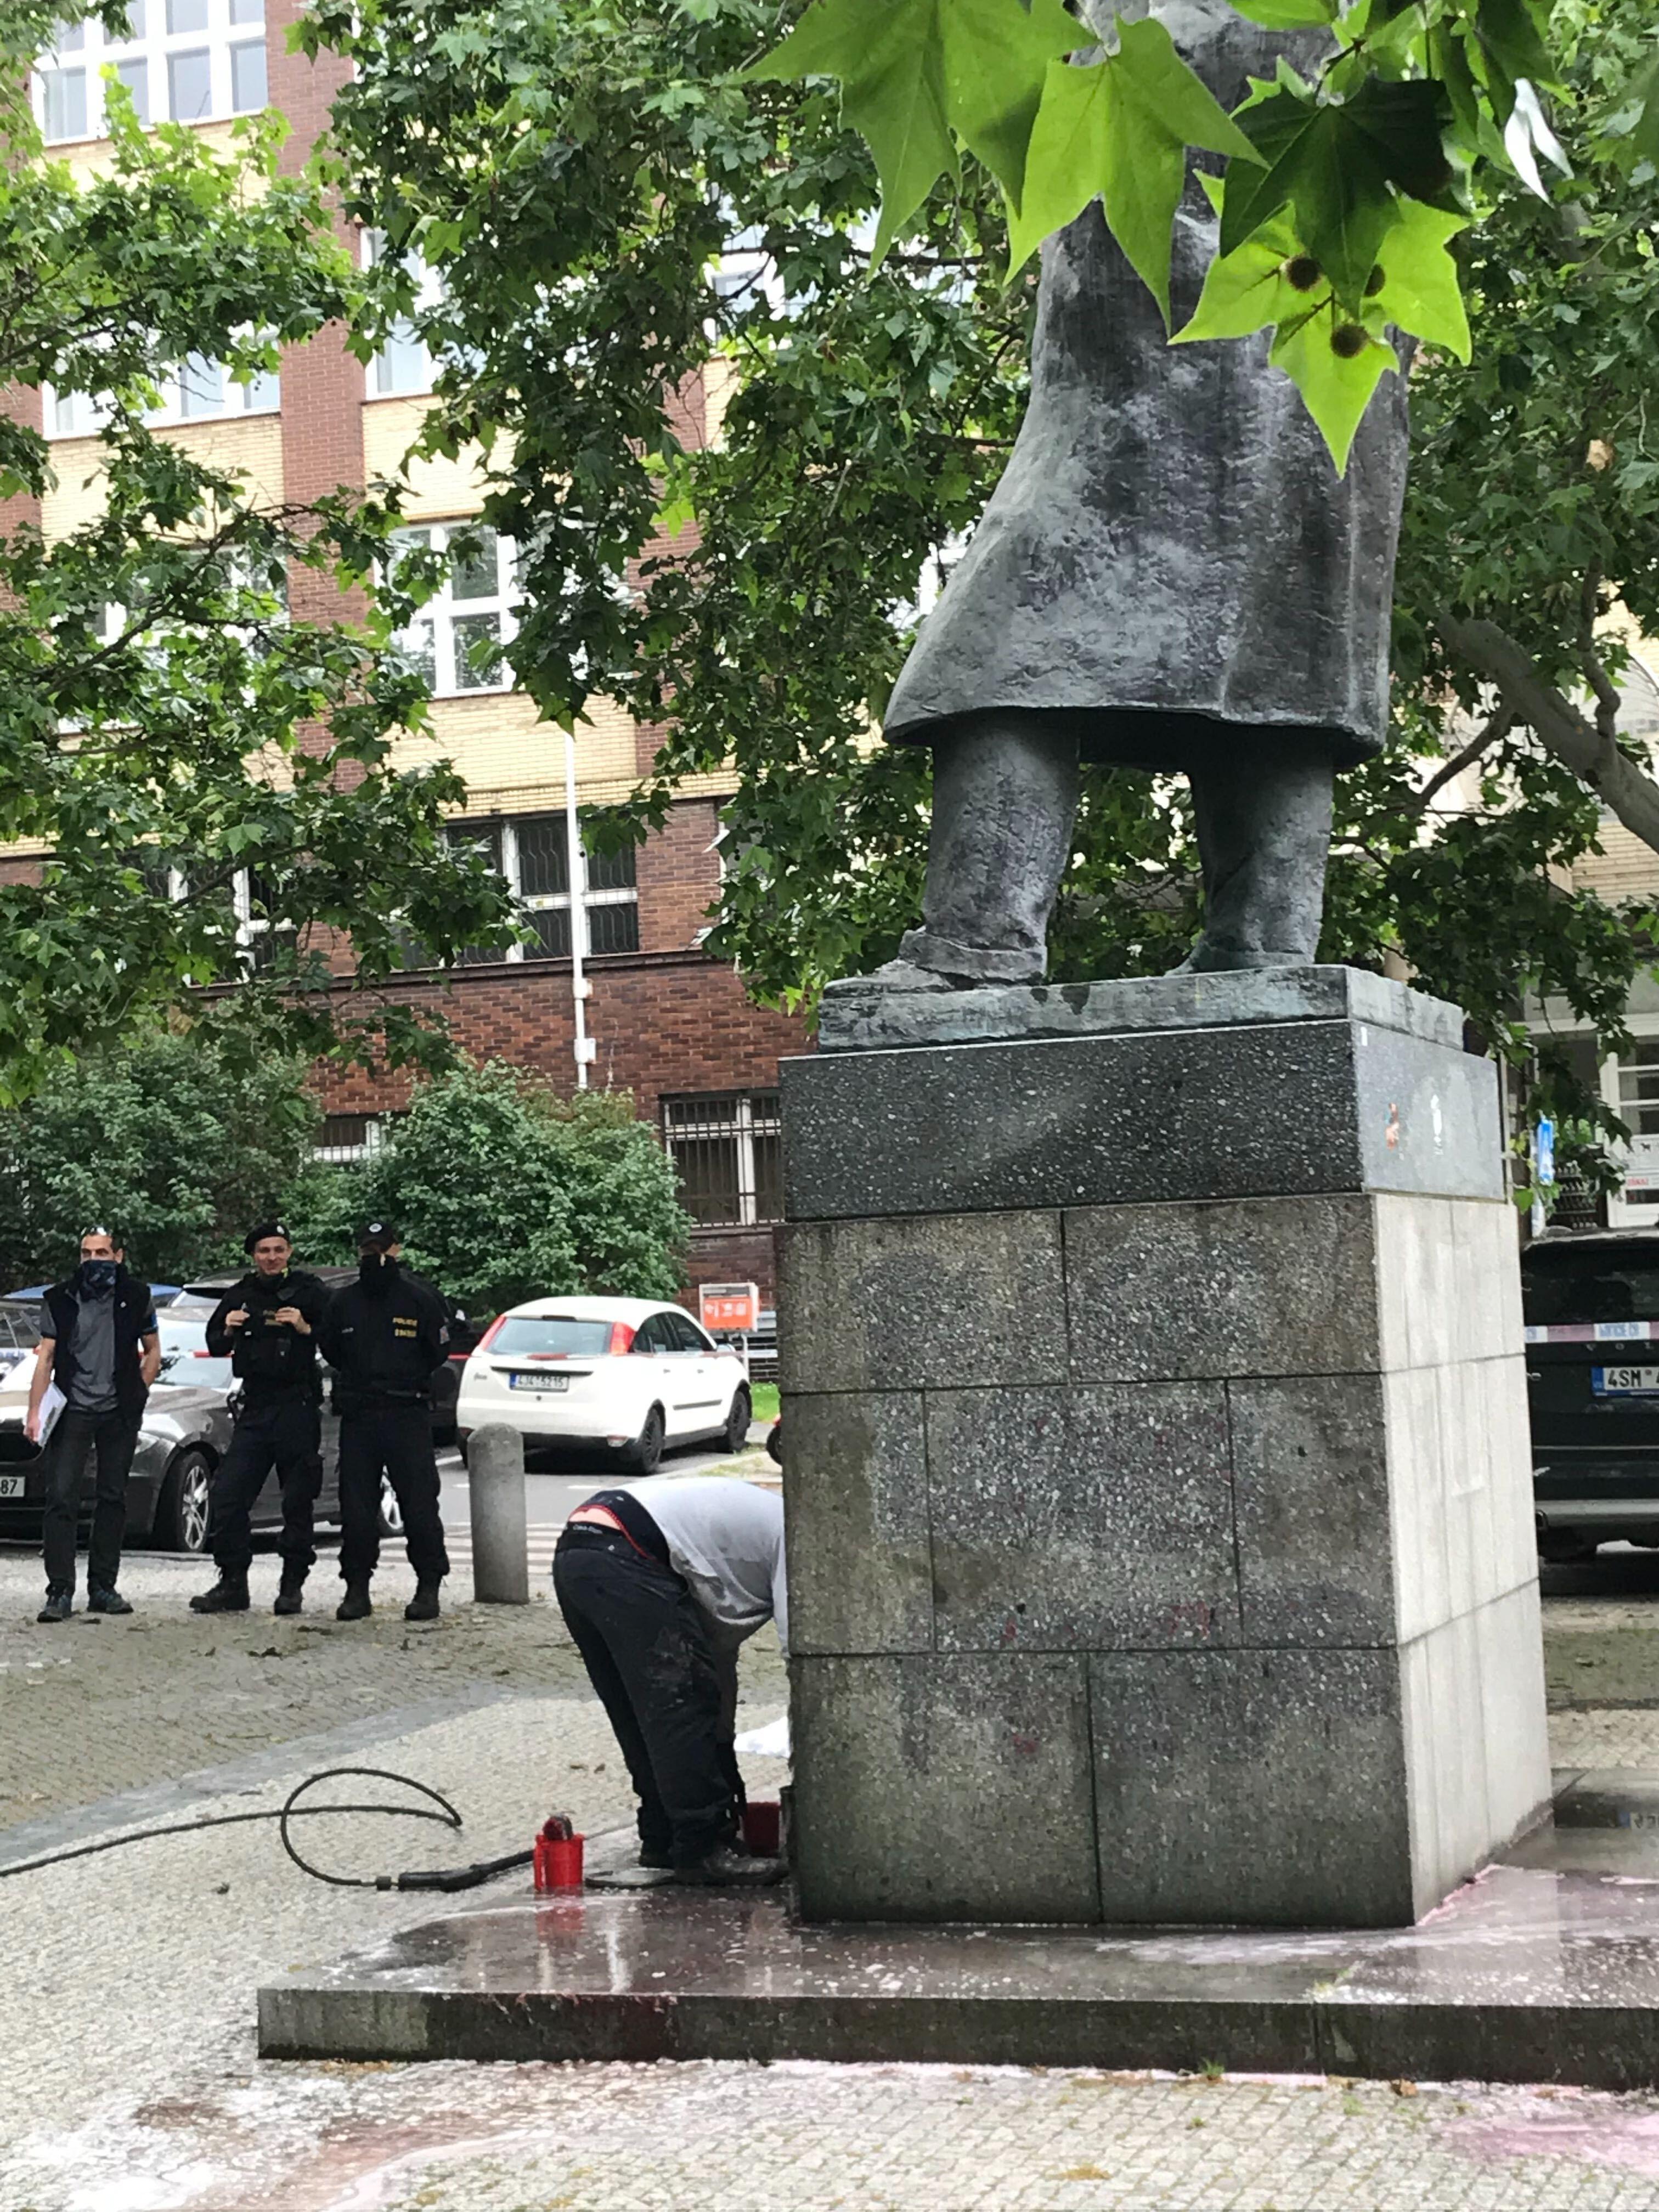 Na Churchillovu sochu v Praze někdo nastříkal sprejem, že byl rasistou. Podobný nápis se objevil i v Británii